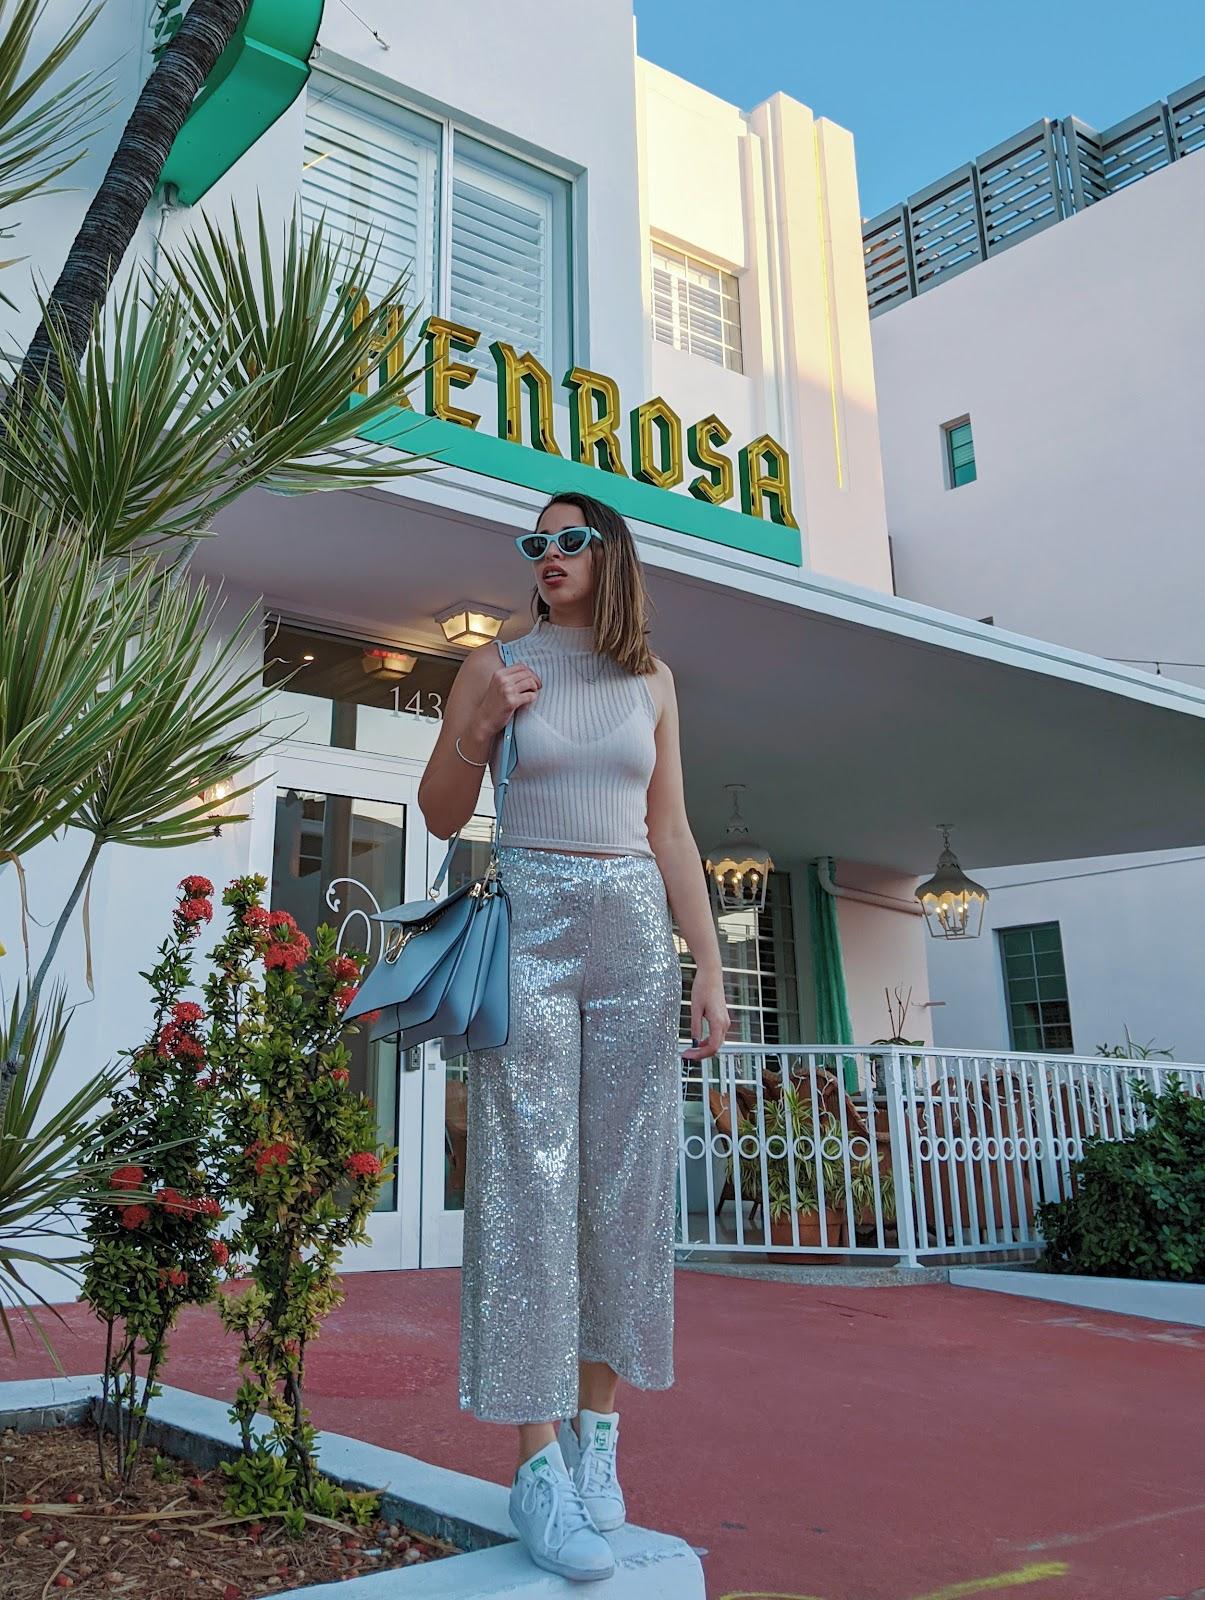 אושן דרייב  סאות ביץ' מיאמי מה לעשות בפלורידה